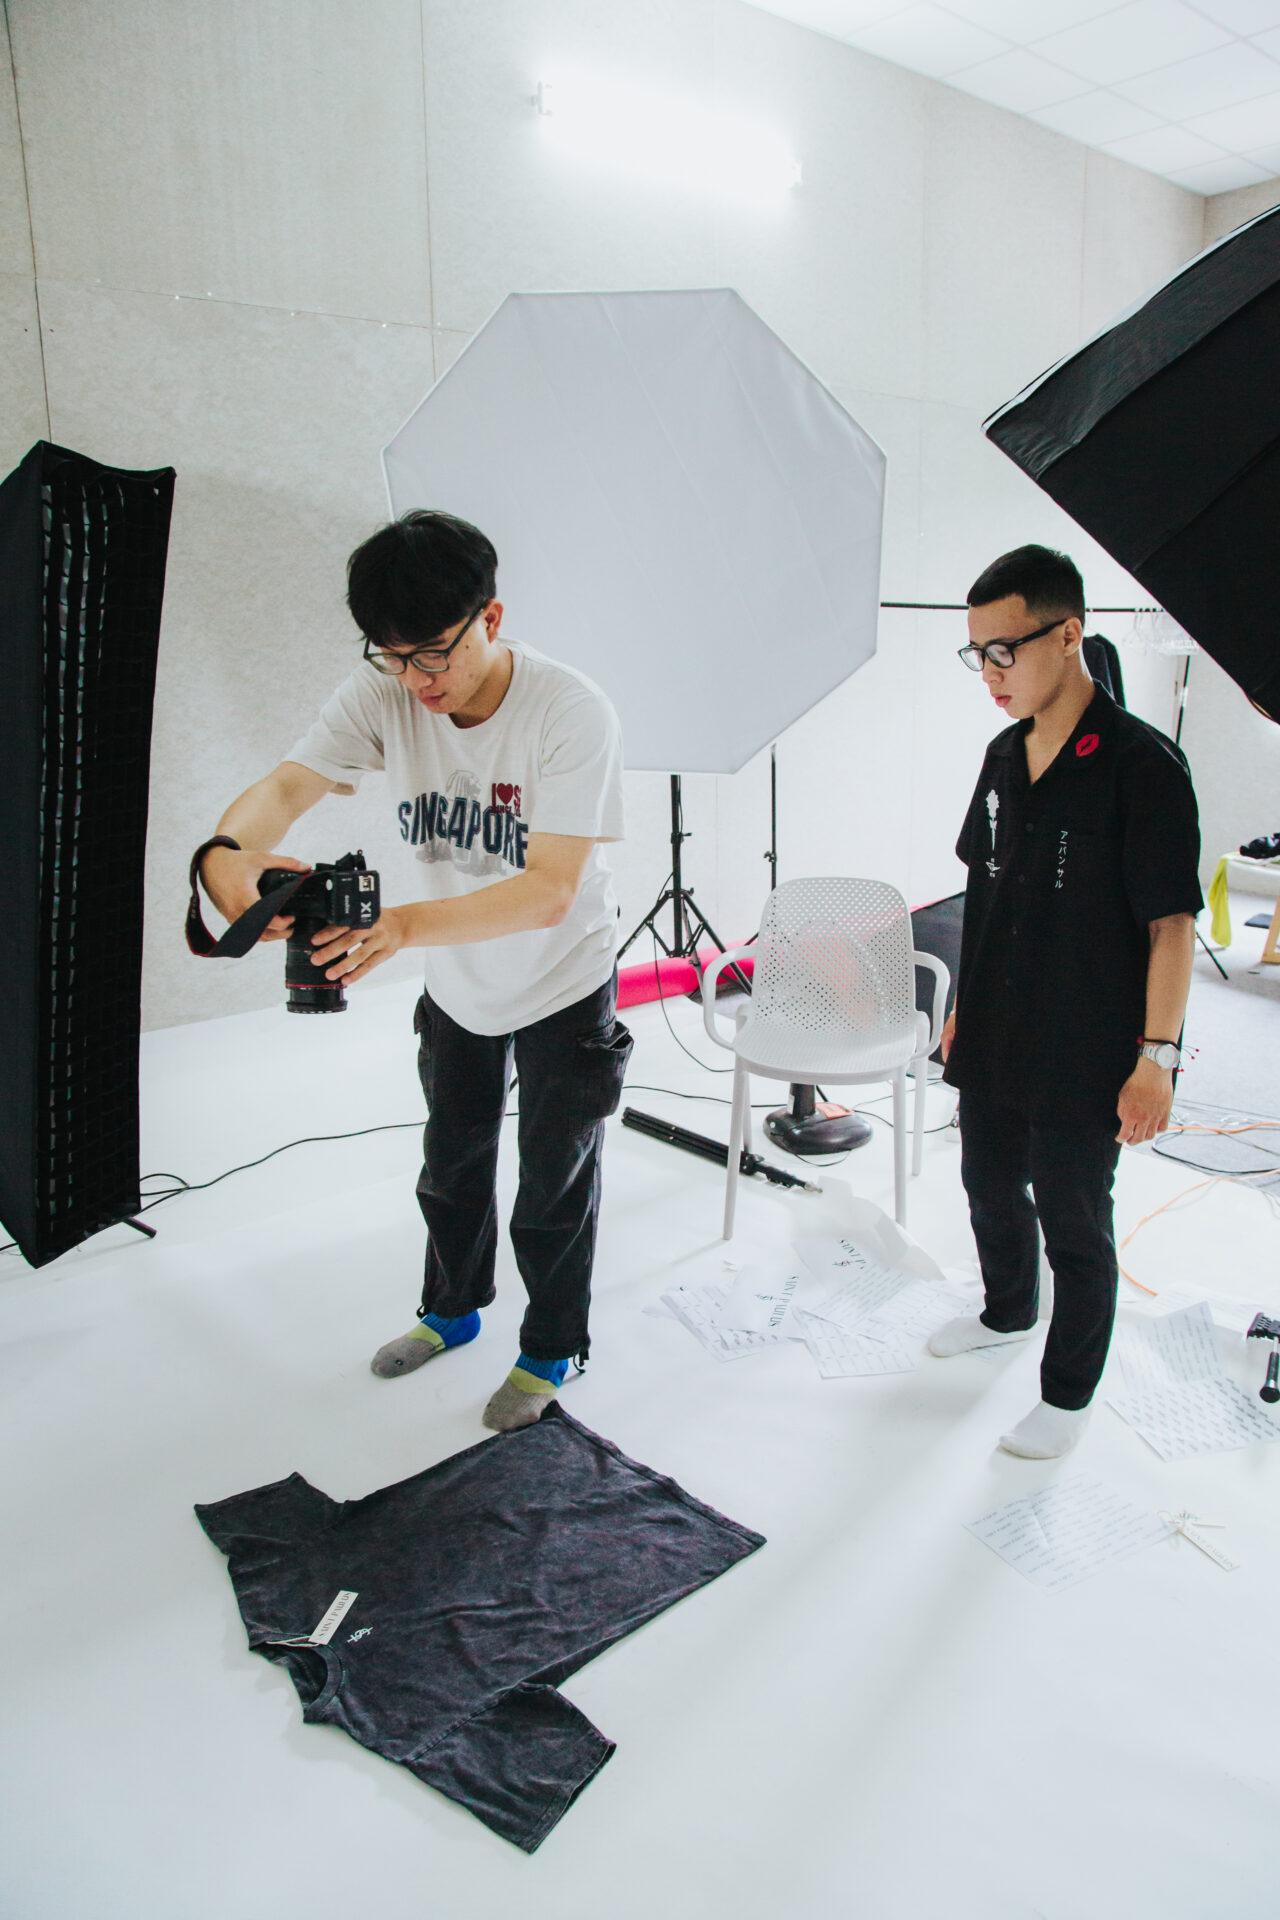 Studio chụp ảnh sản phẩm